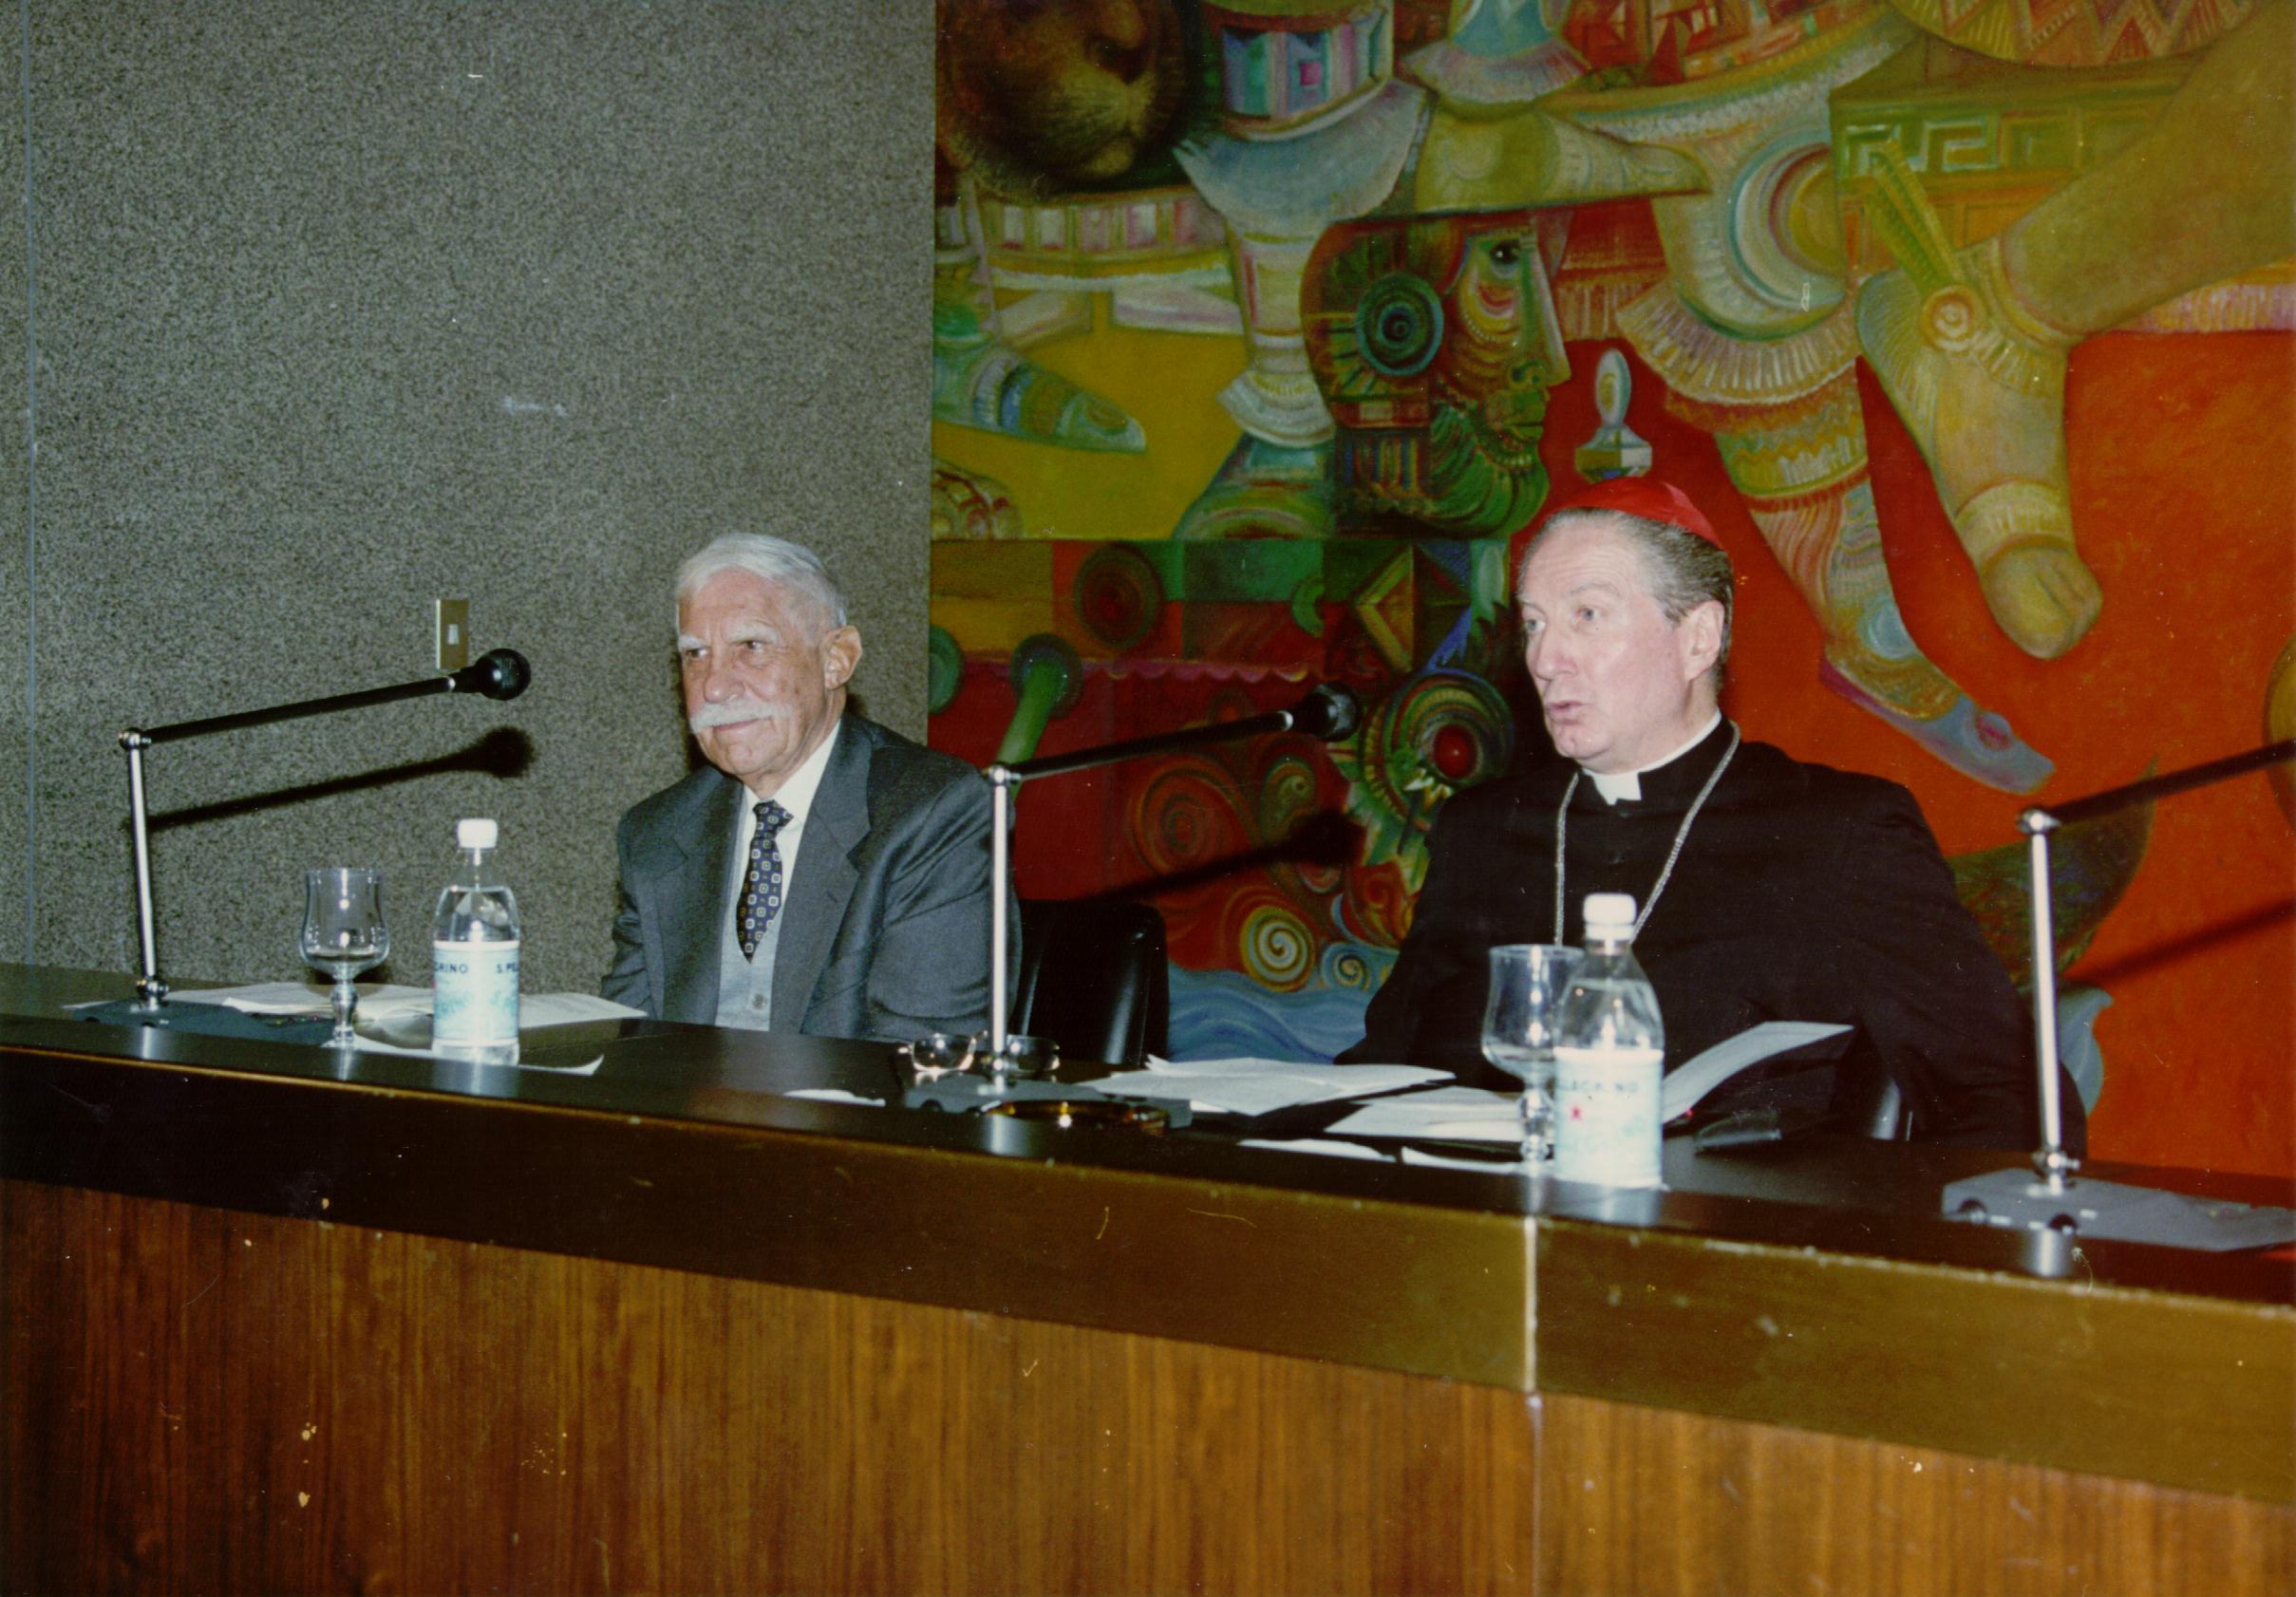 1993, VII edizione: Mario Trevi e Martini